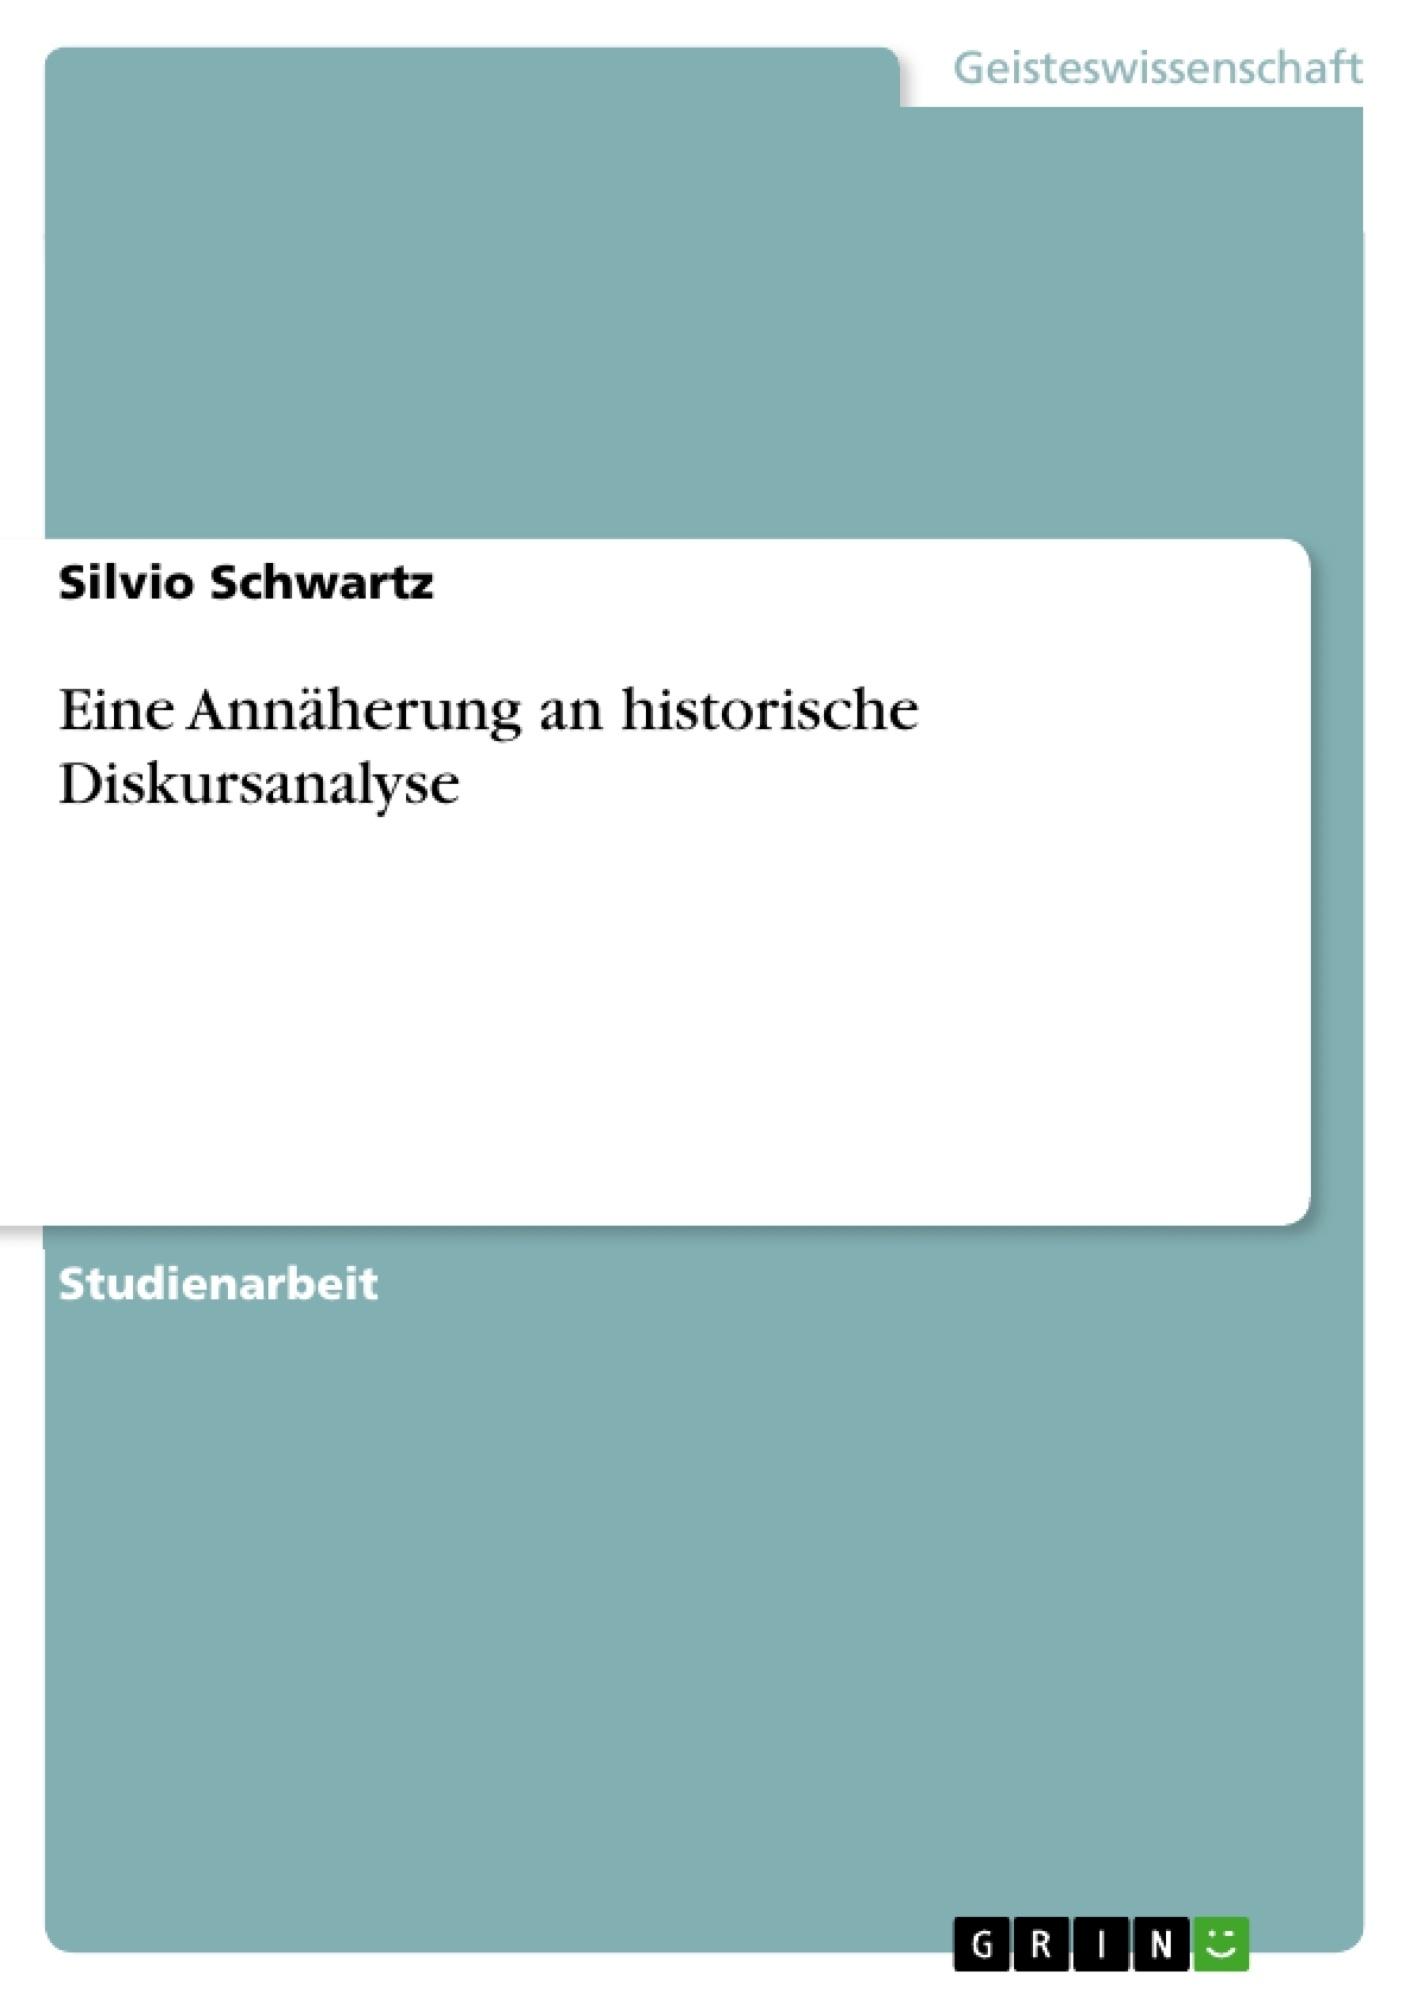 Titel: Eine Annäherung an historische Diskursanalyse